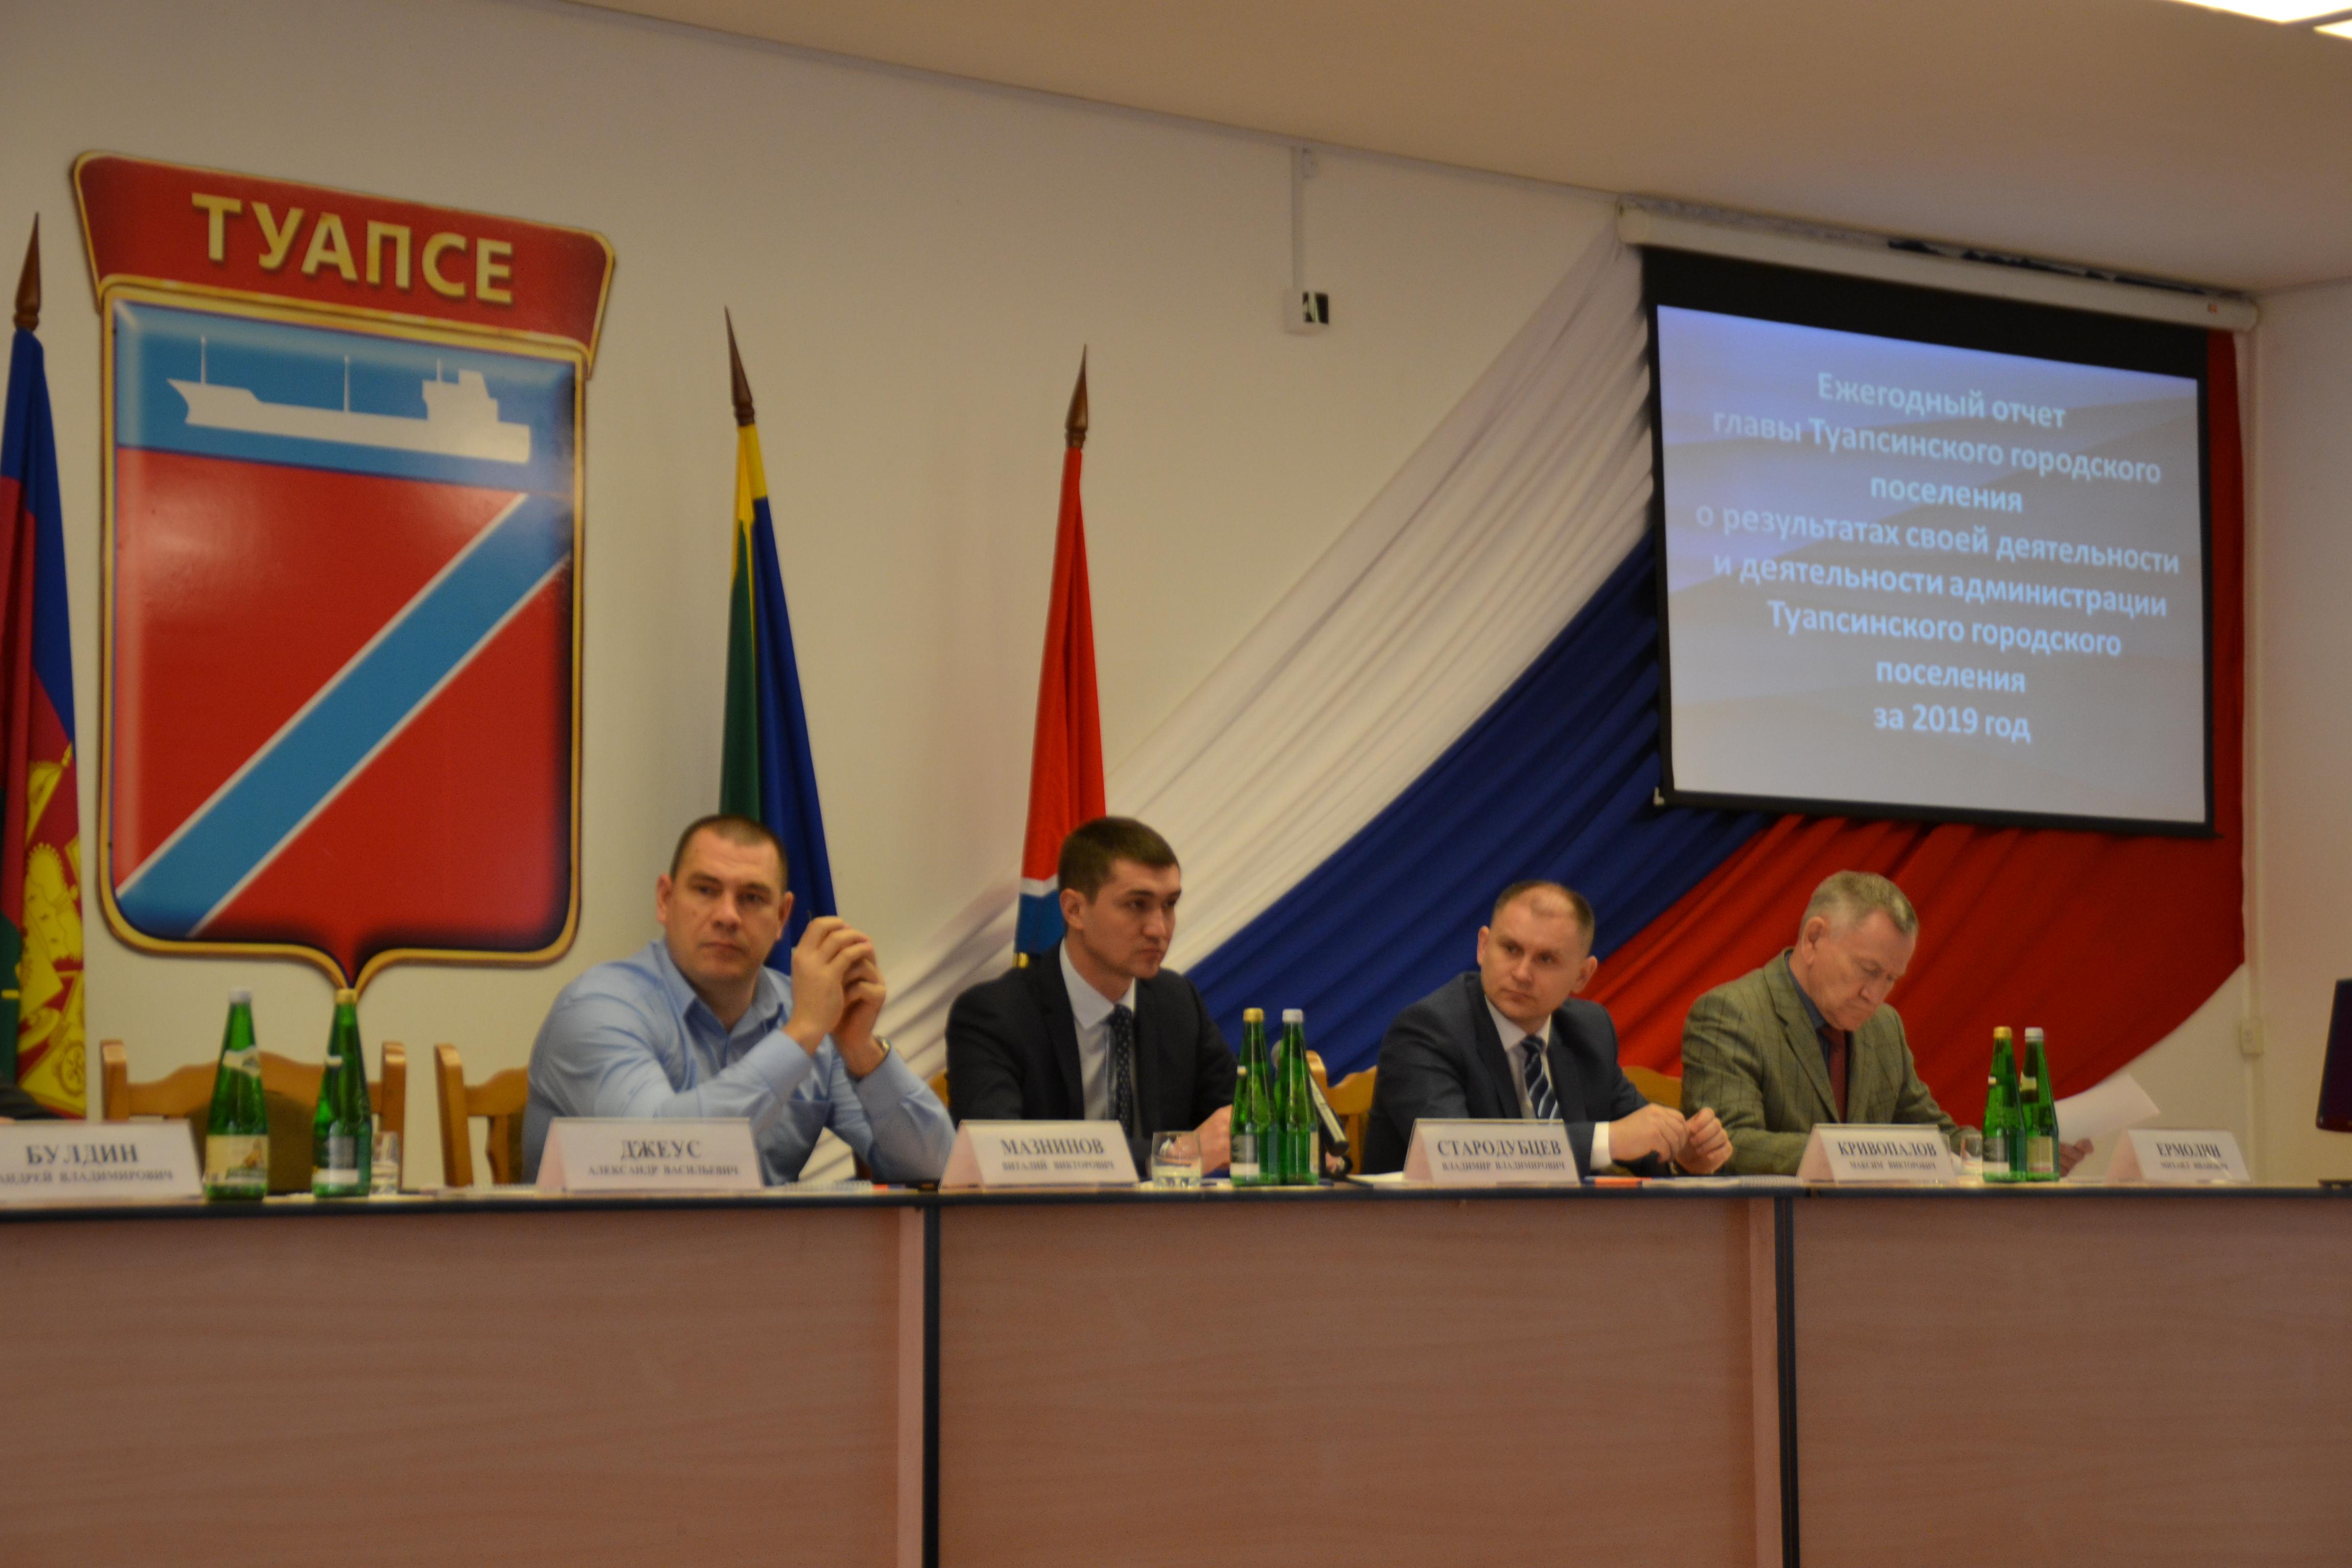 На сессии Совета рассмотрен отчет о работе администрации города Туапсе за 2019 год